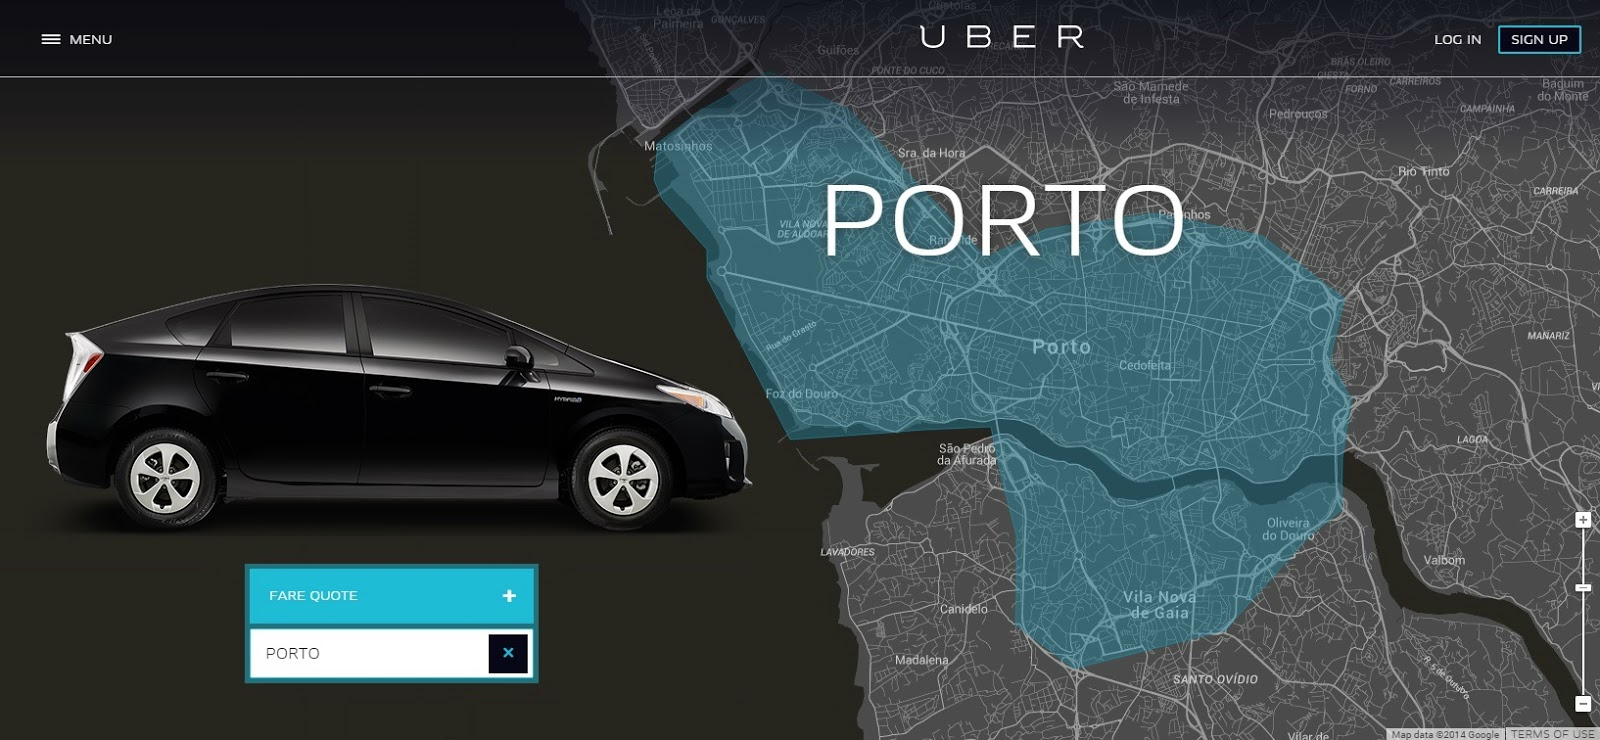 Uber Porto darmowe przejazdy darmowy przejazd kod promocyjny rabat Uber Portugalia Taxi polski przewodnik po Porto informacje ile kosztuje